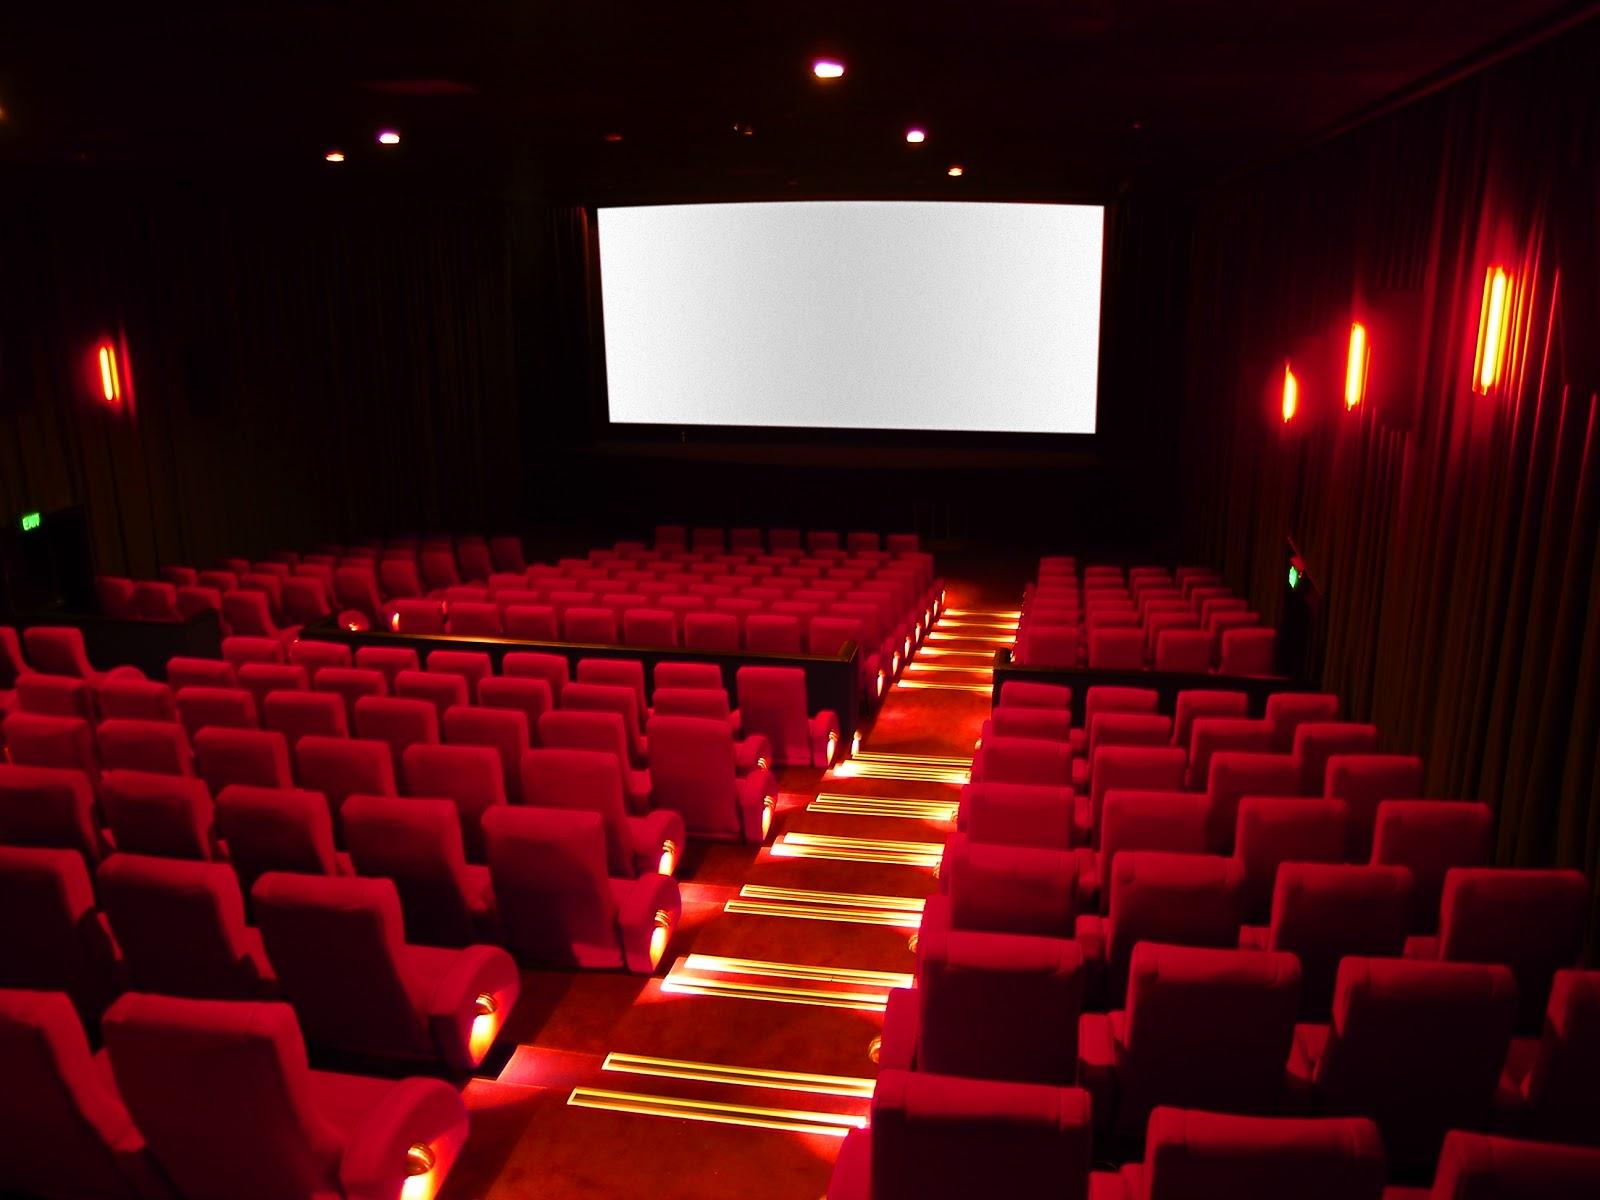 O Perigo de Assistir Filmes com Classificação Indicativa para Maiores de 18 Anos